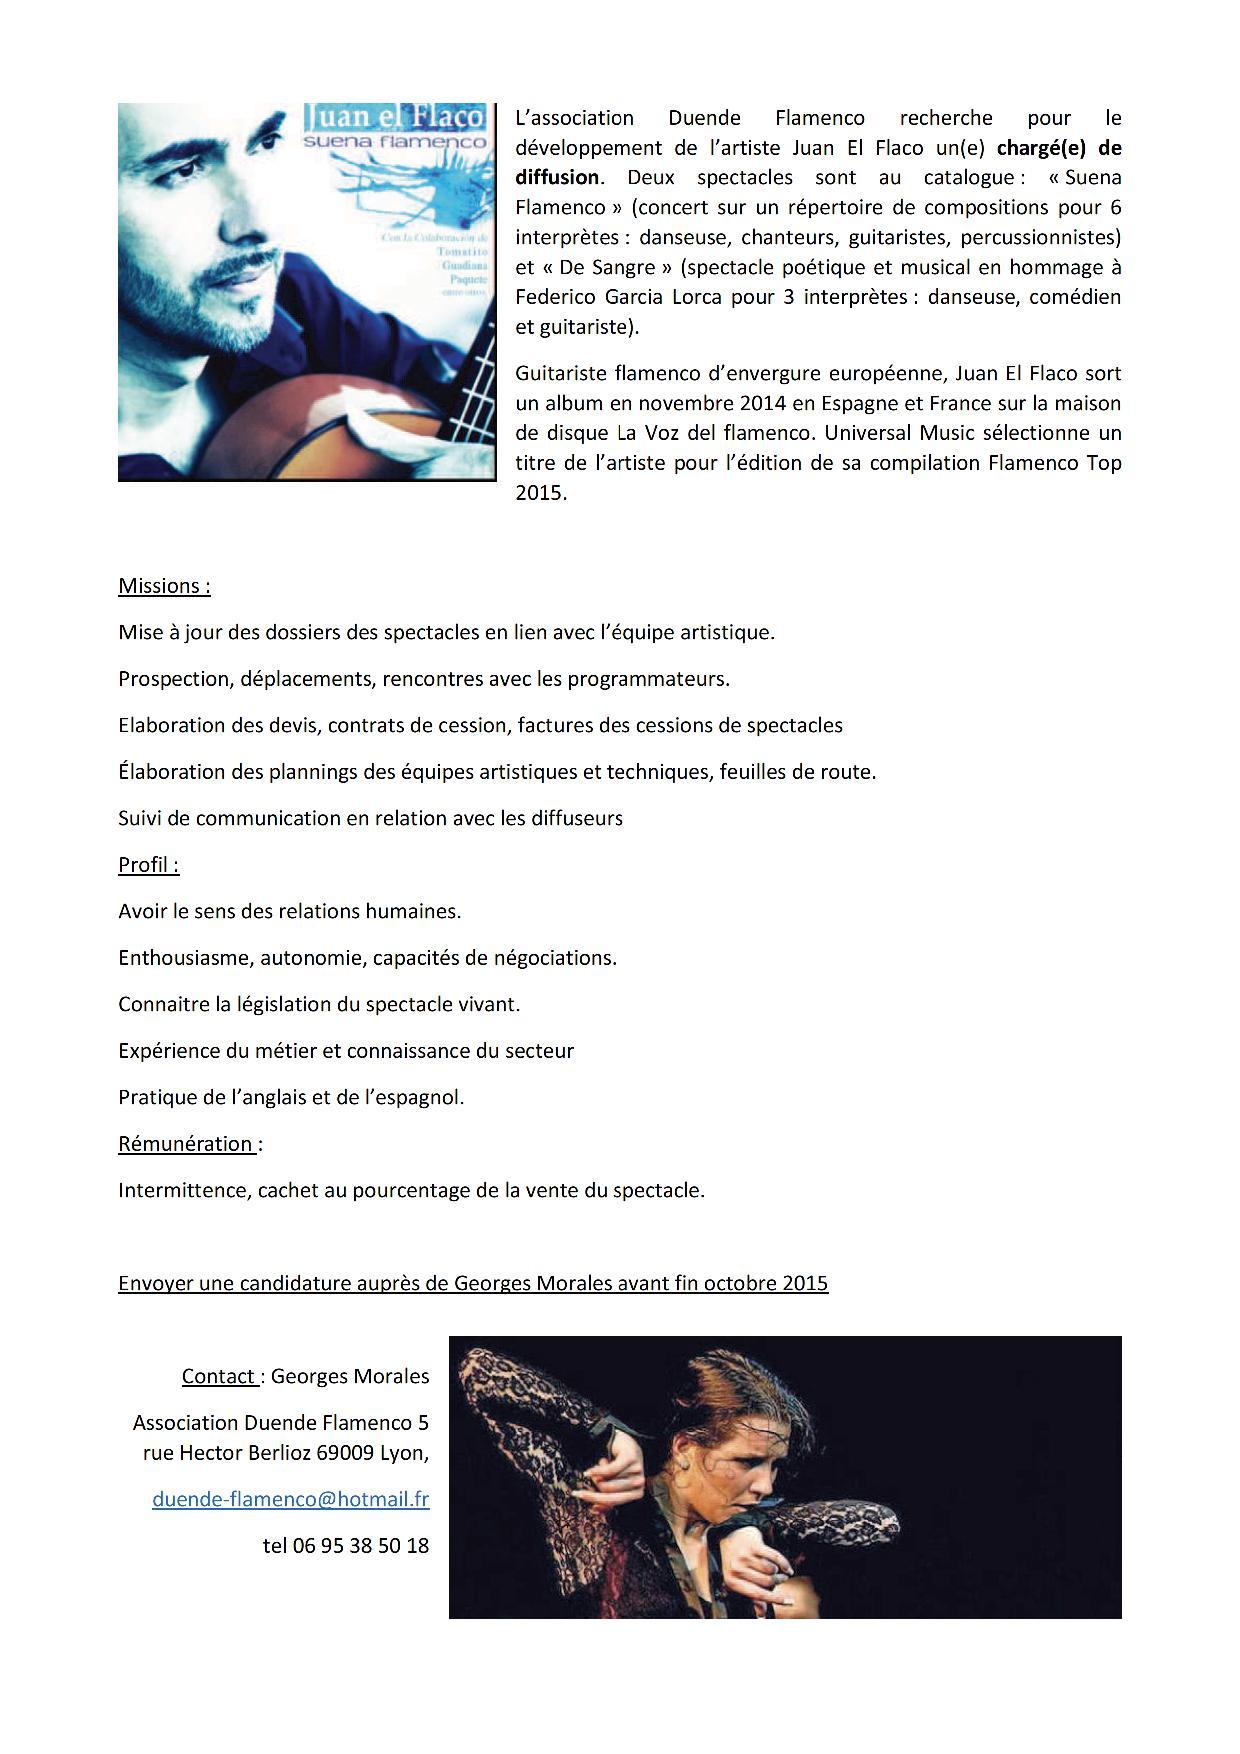 Chargé de Diffusion pour Duende Flamenco